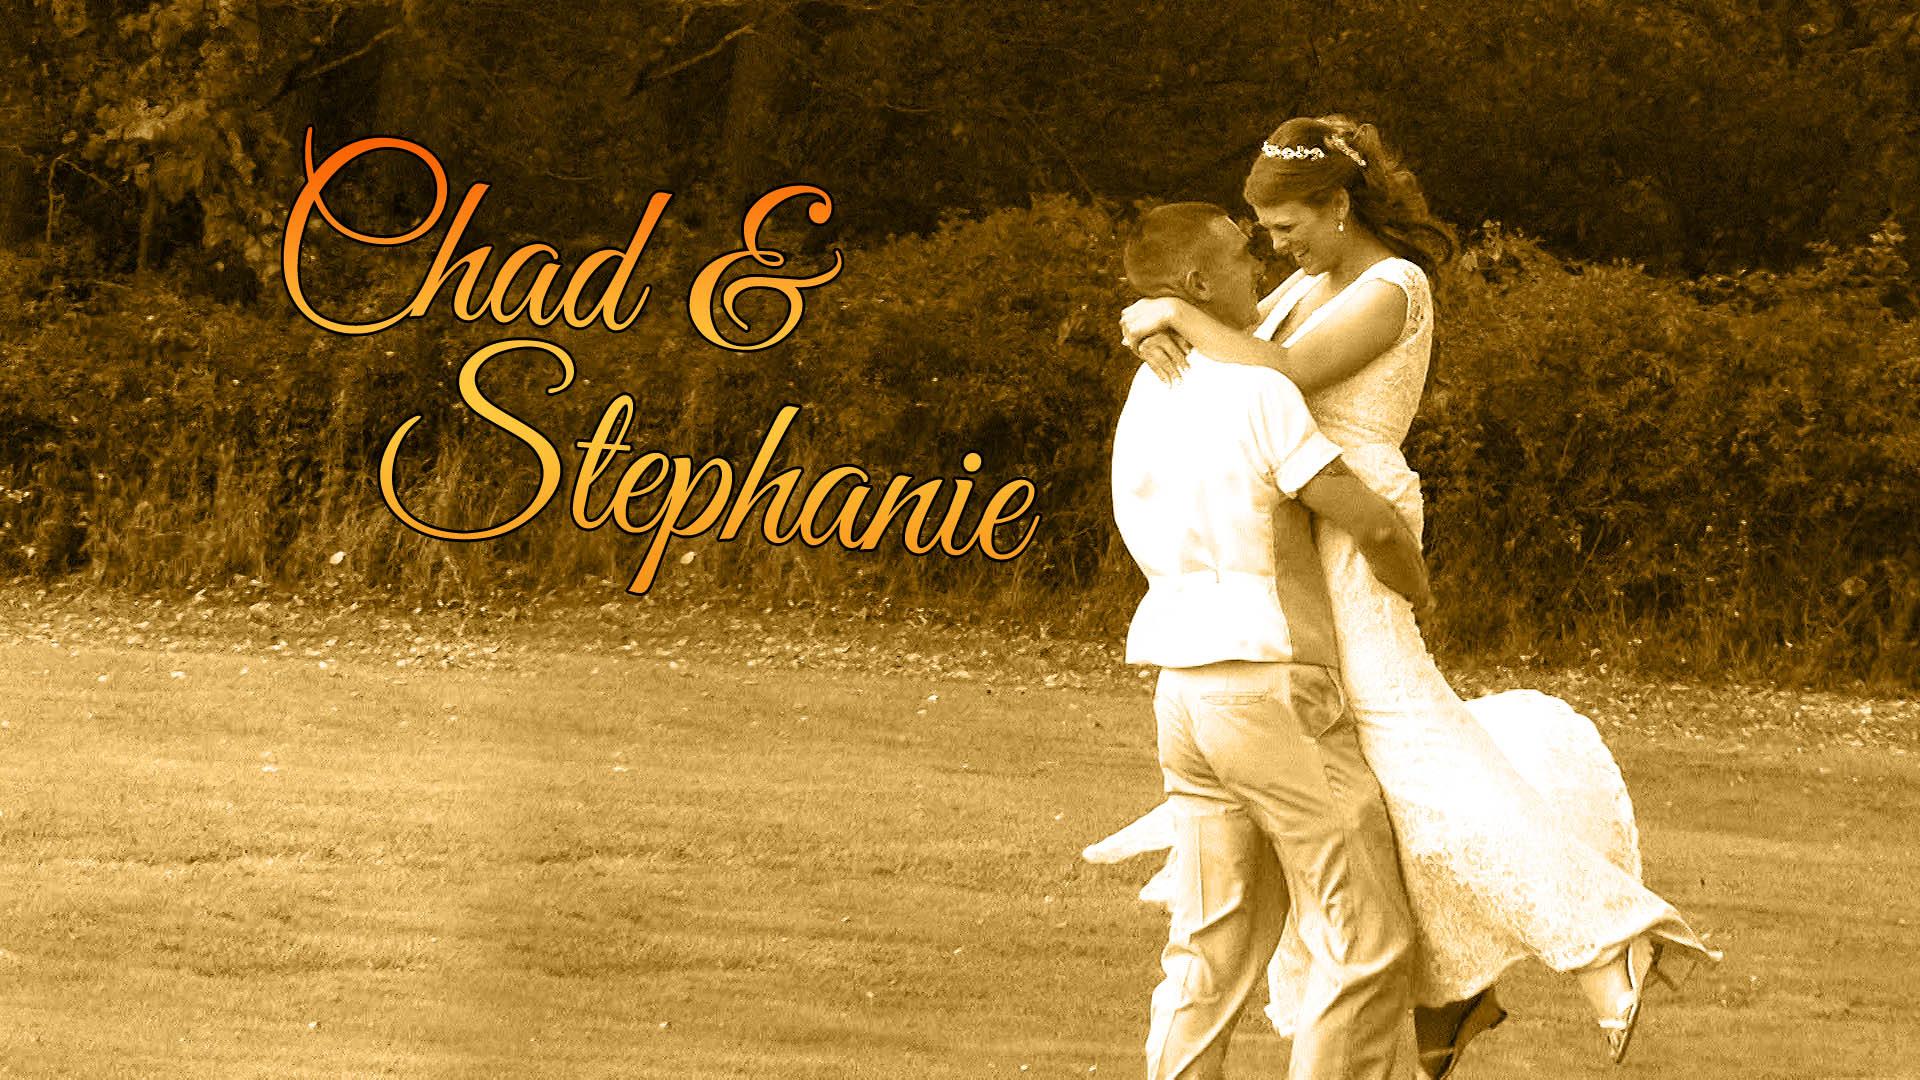 Chad & Stephanie – Bradford, PA Wedding Video